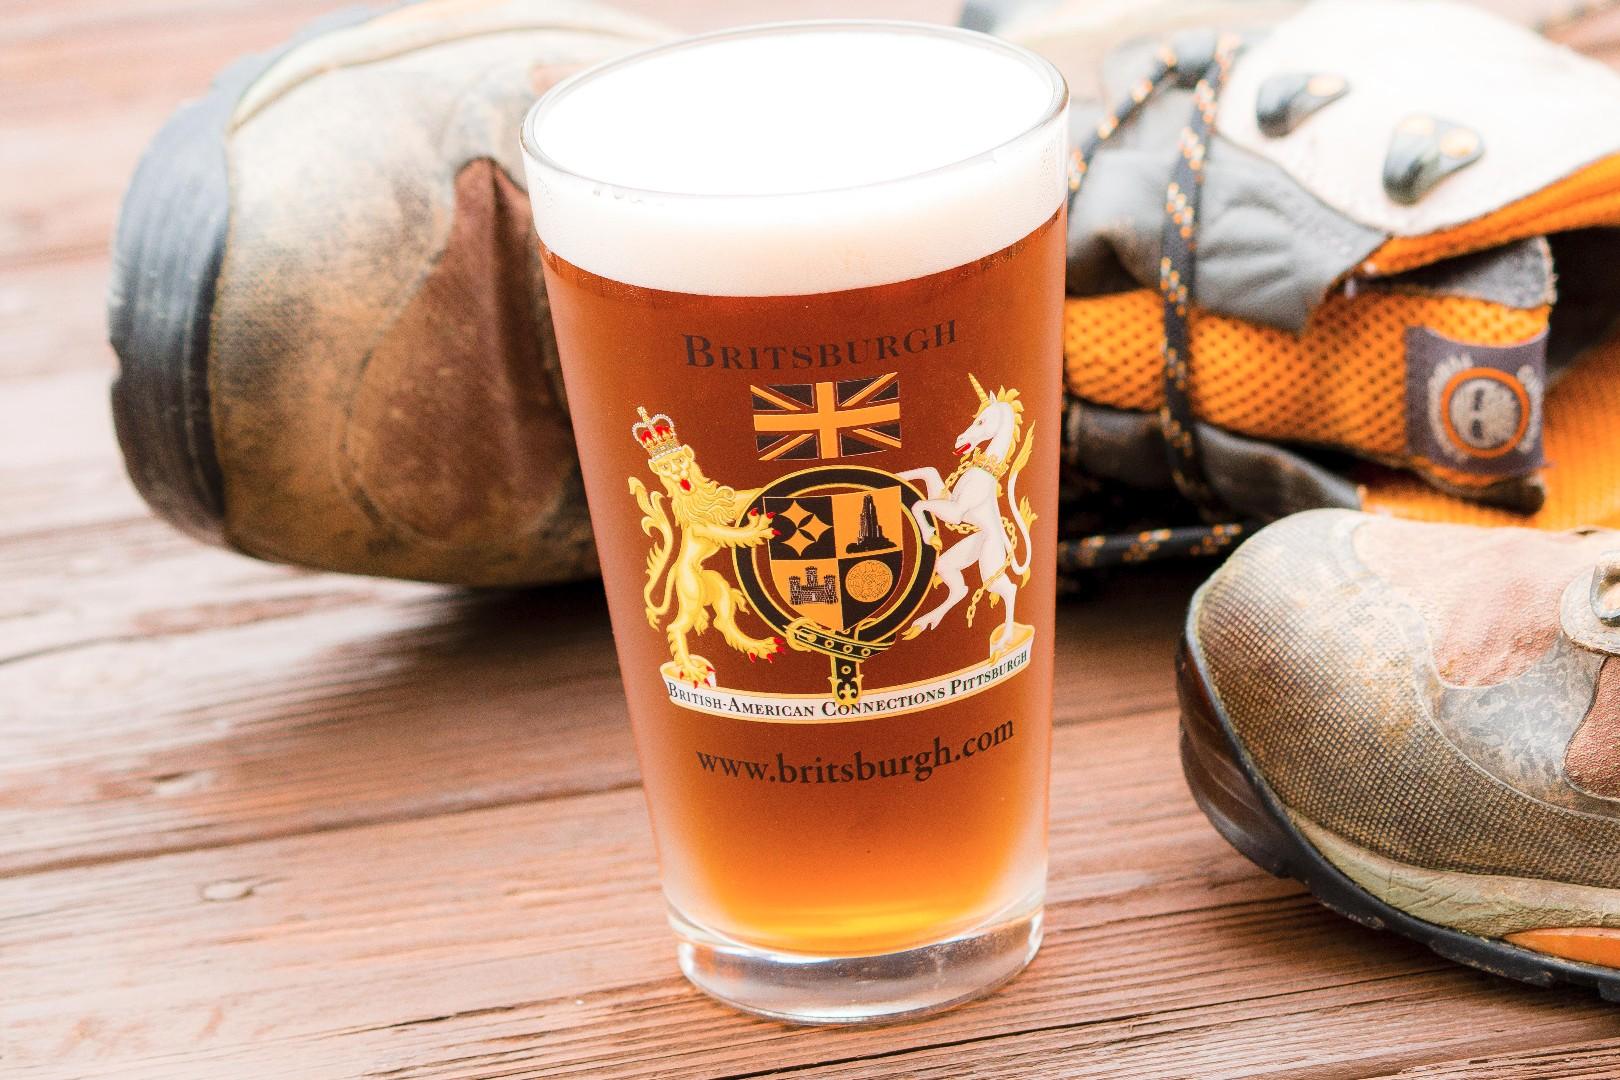 20170420 Britsburgh beer (17).jpg